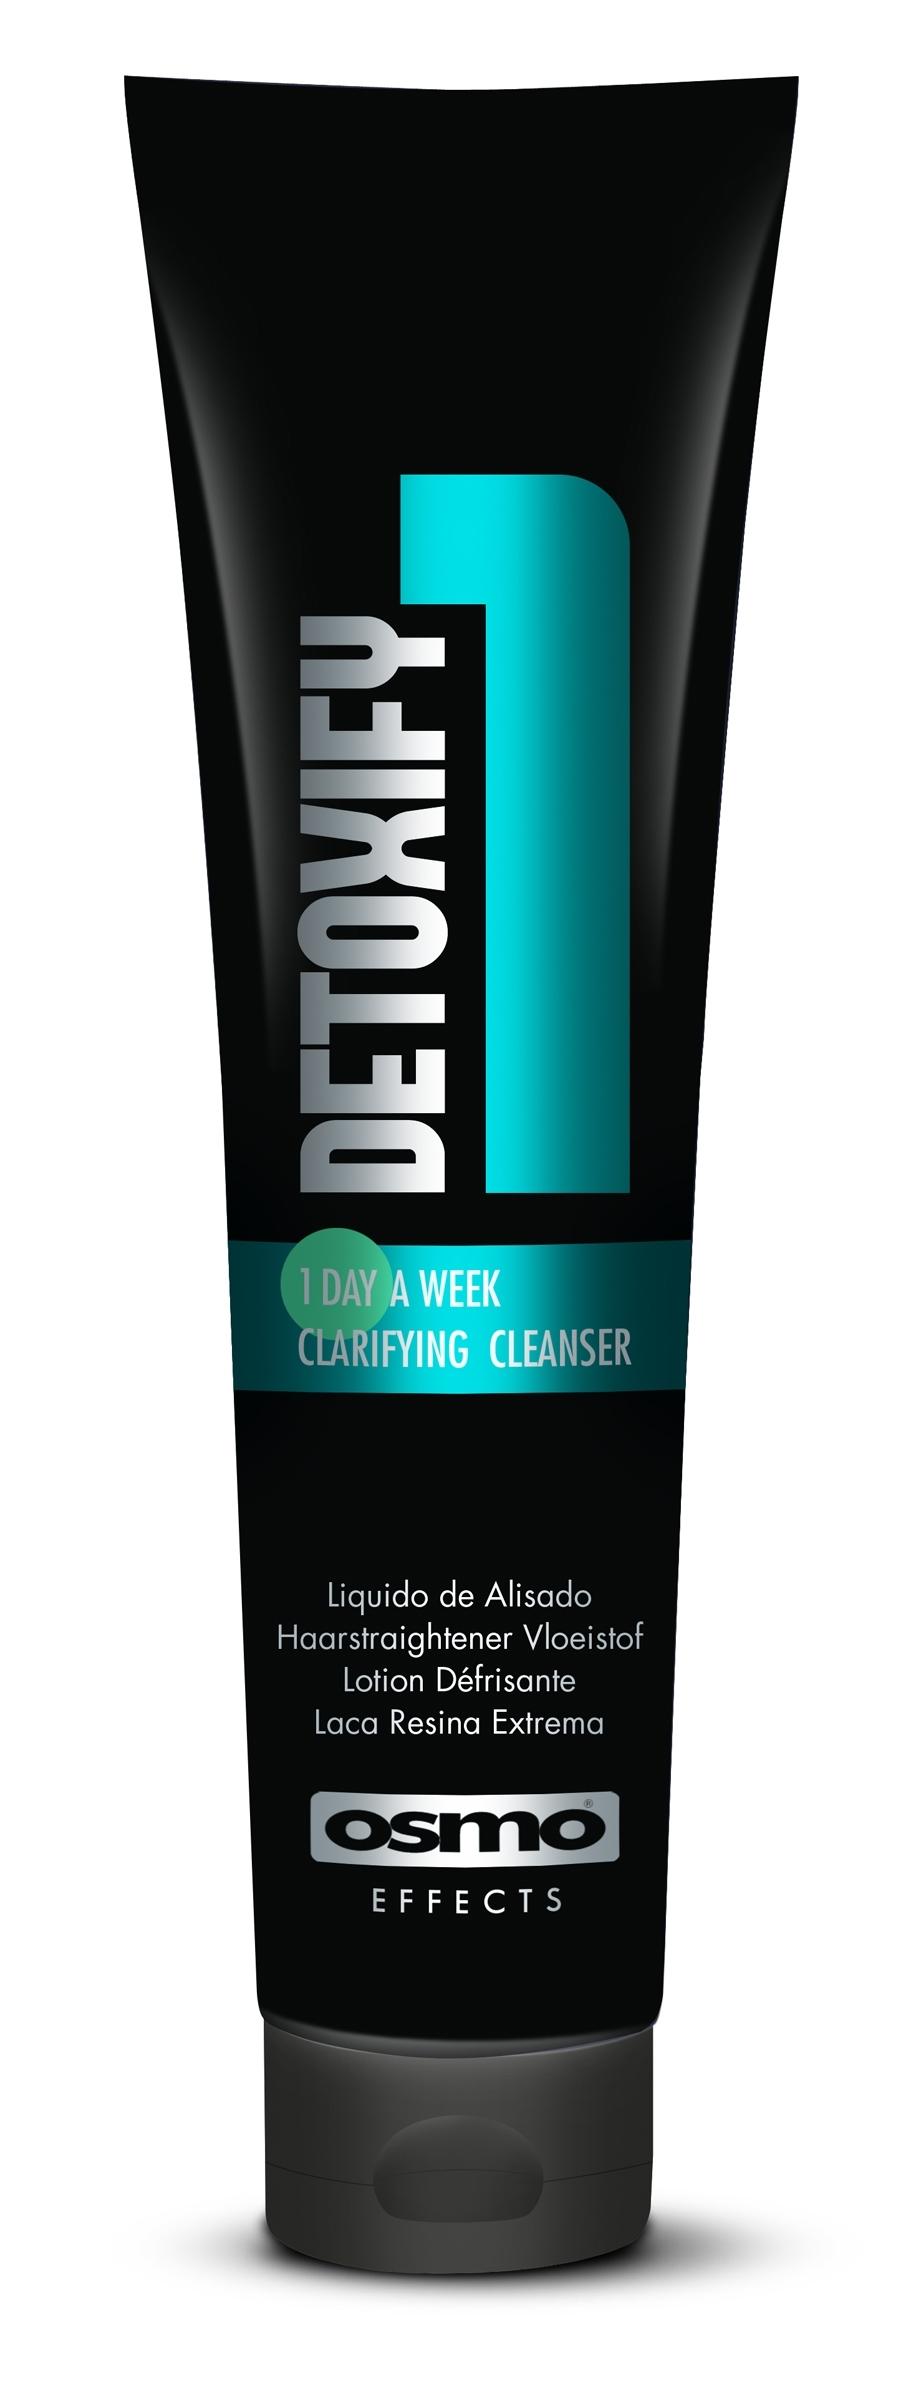 OSMO Шампунь-SPA для глубокого очищения волос и кожи головы / Osmo Effects 250мл